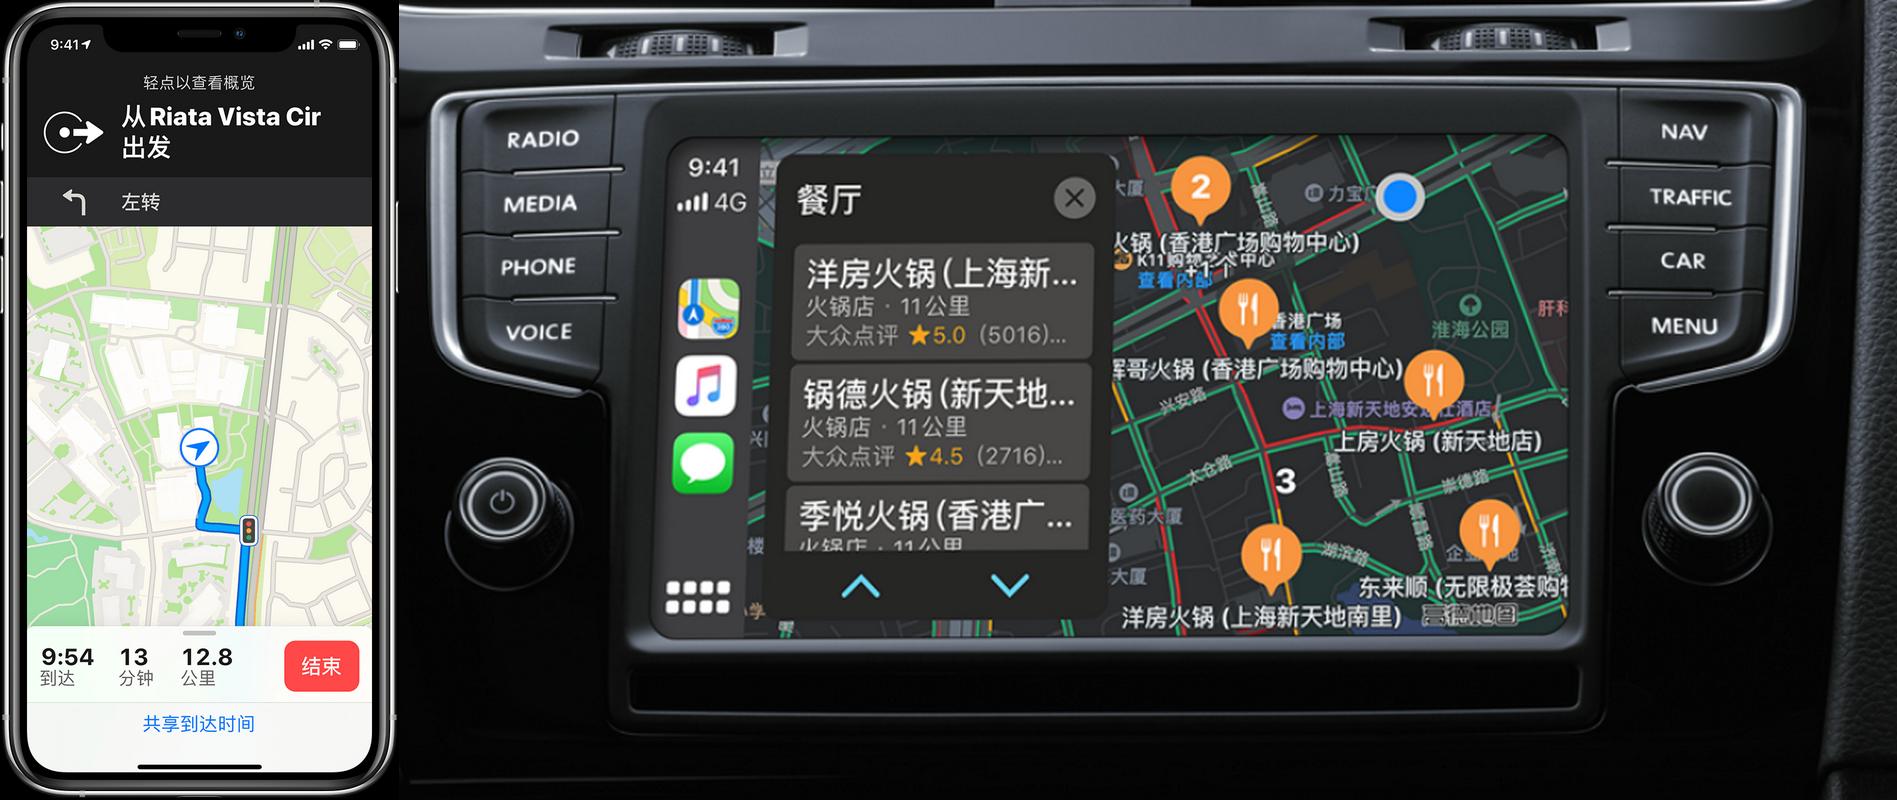 远离山寨软件,使用北斗导航无需第三方 App